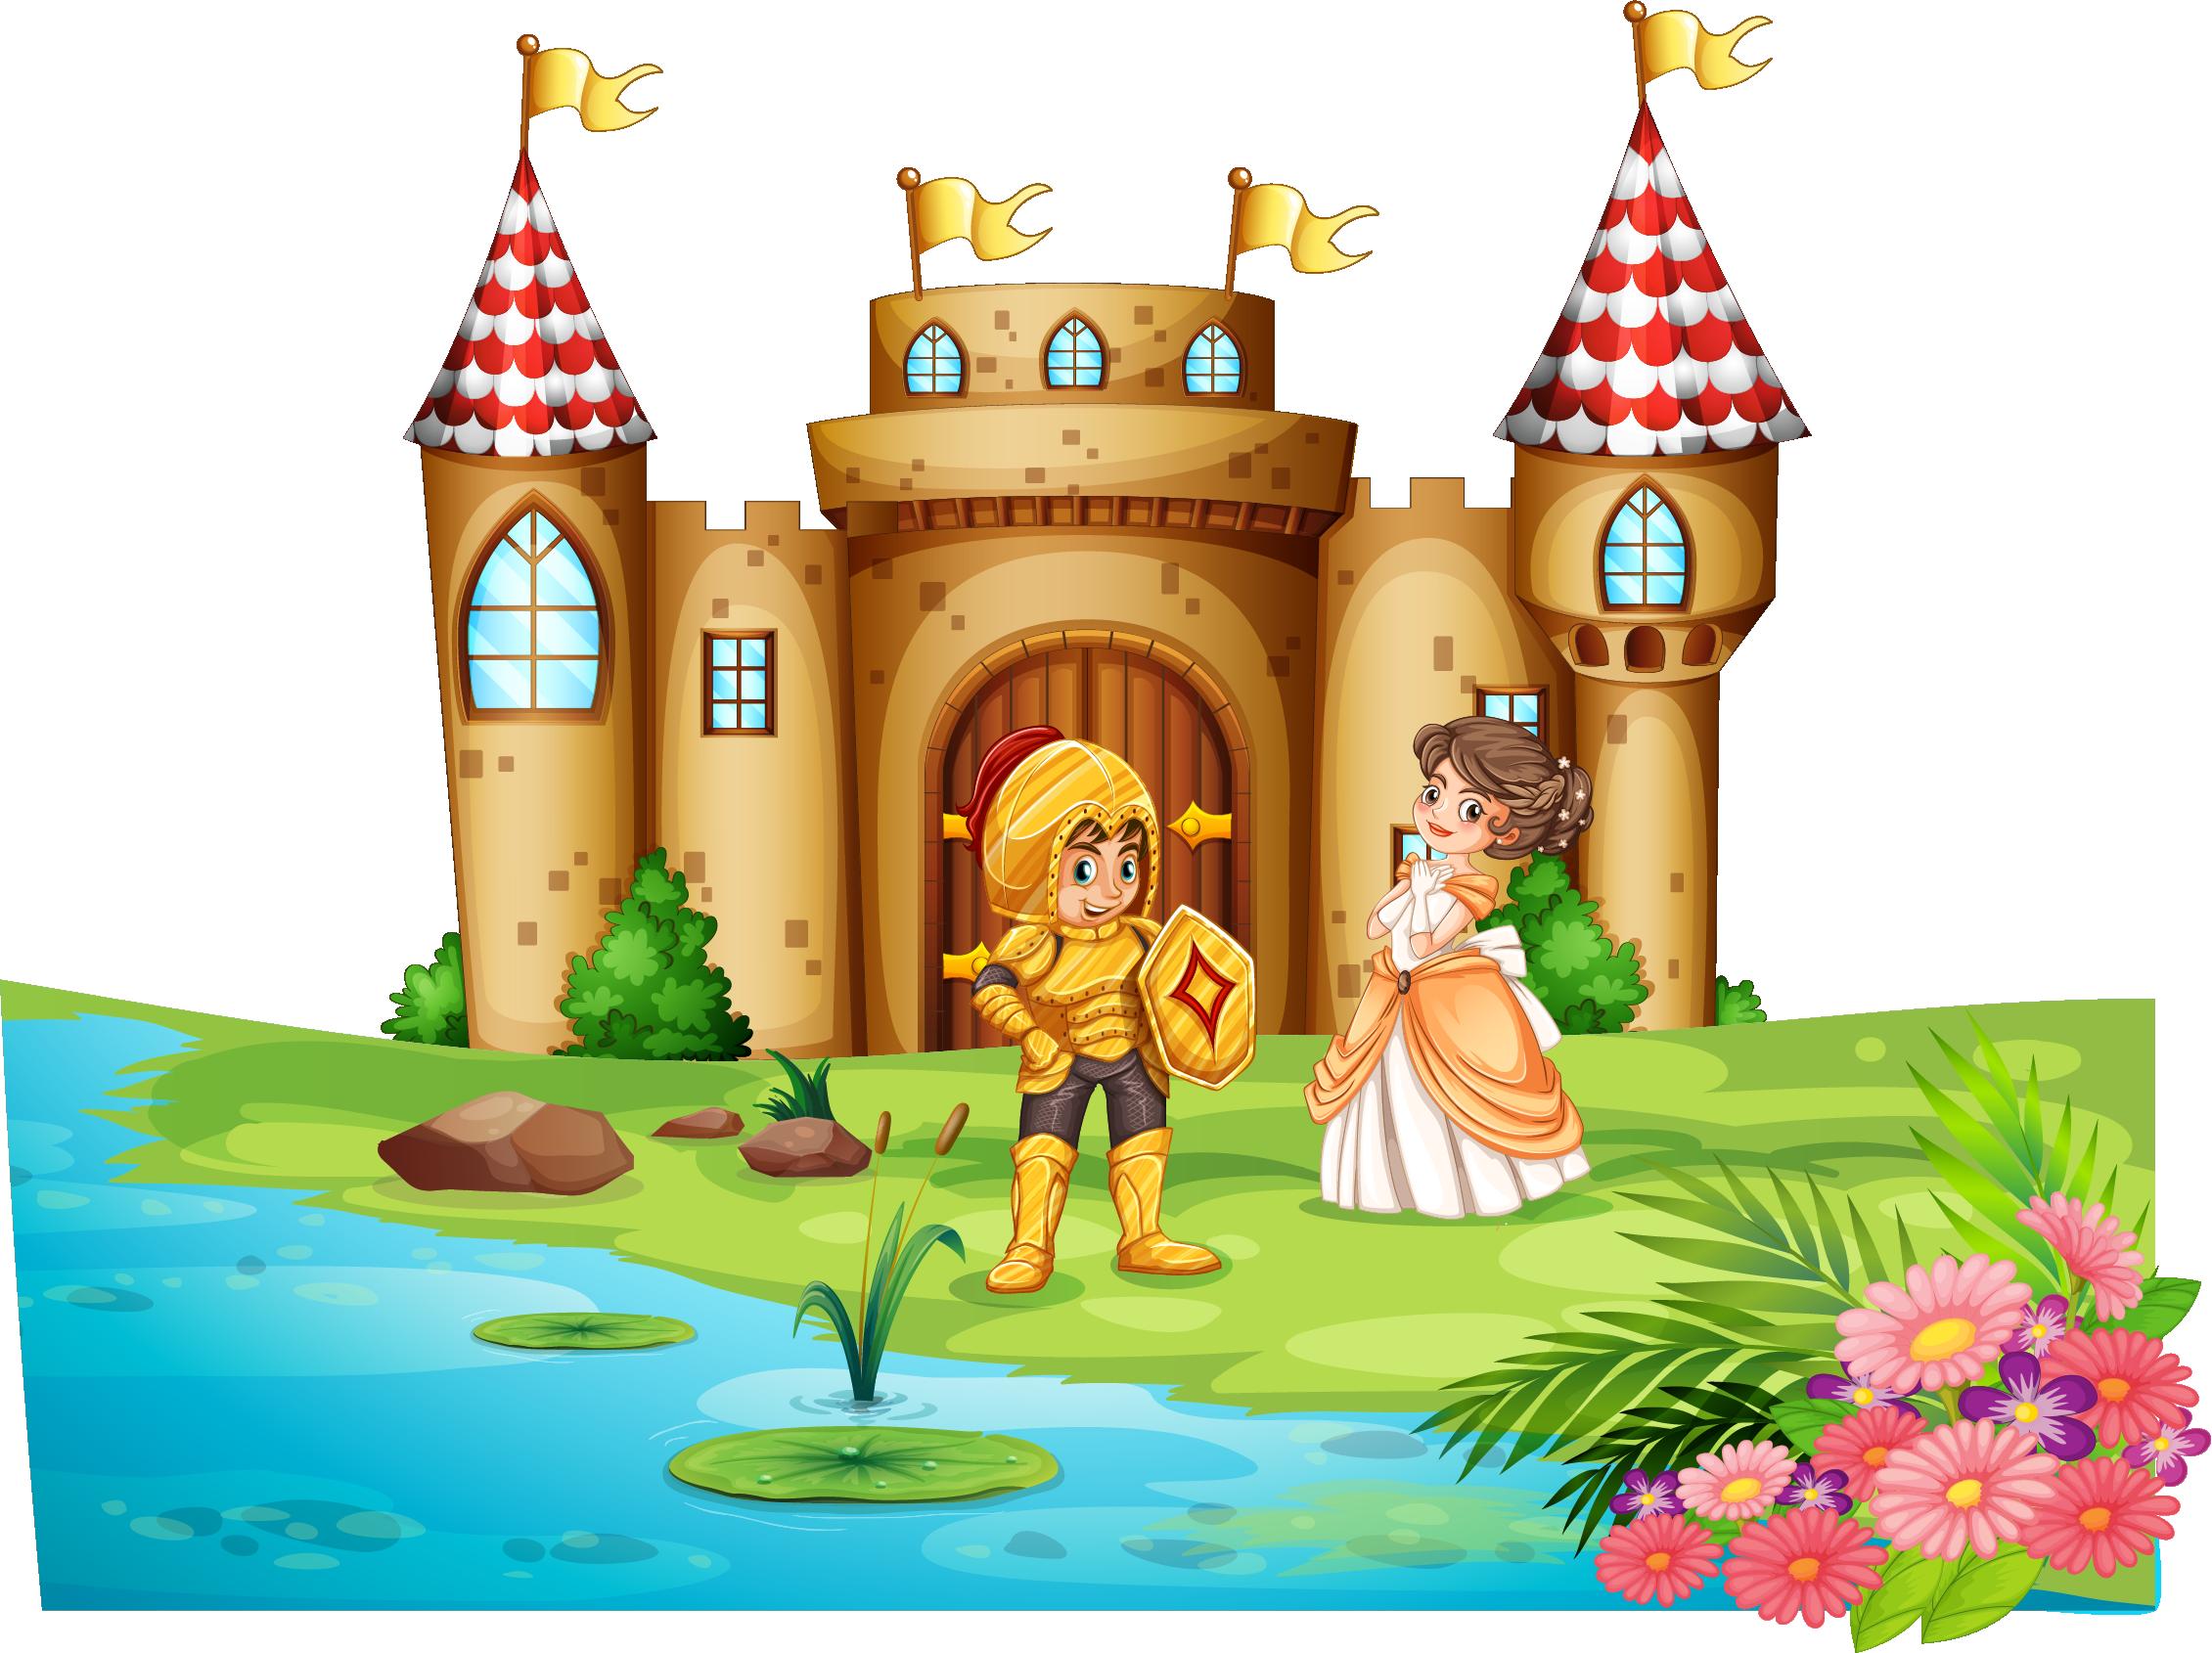 Fairytale clipart landscape. Castle clip art fairy